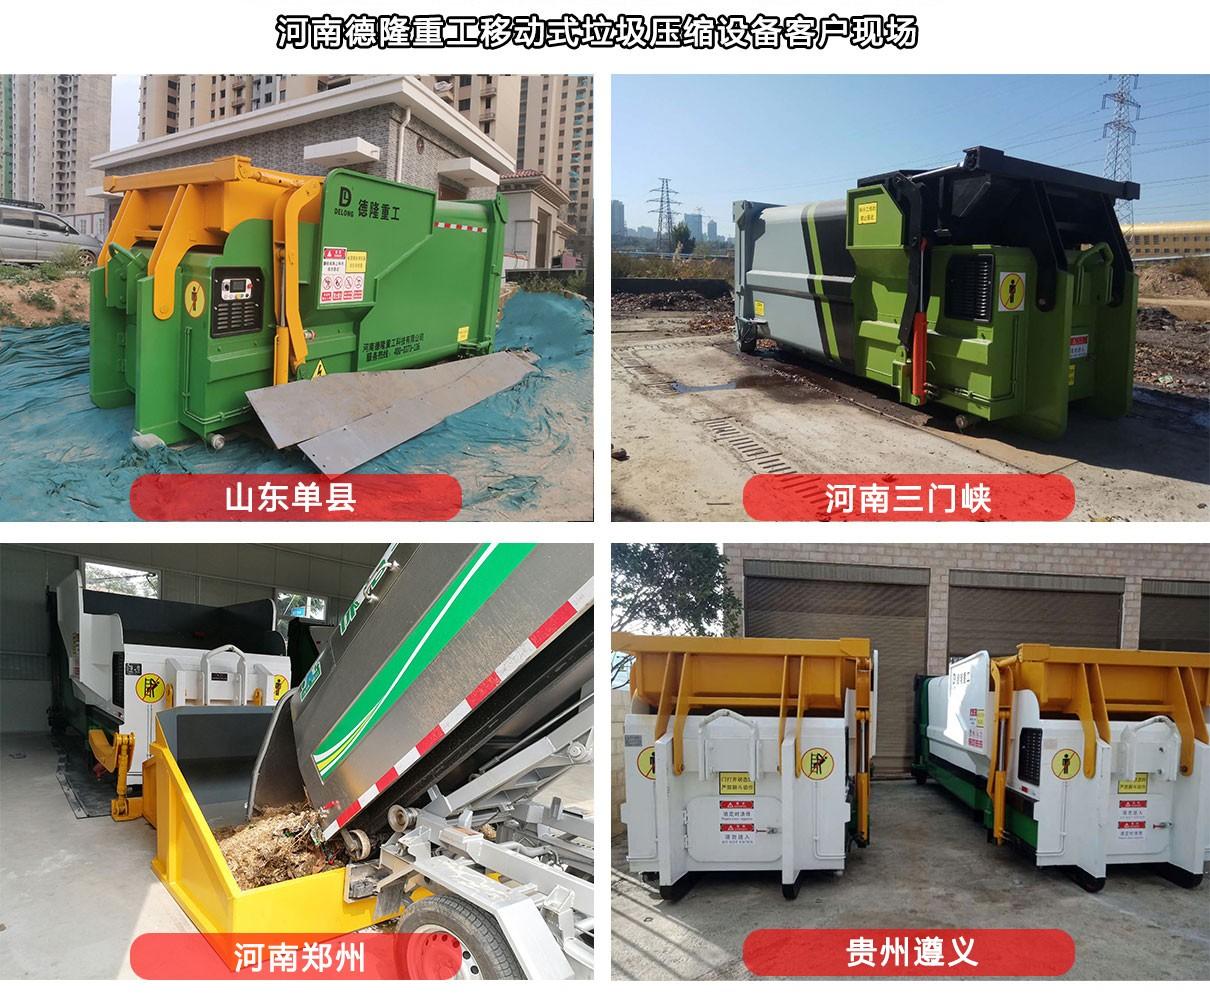 垃圾中转站适合用移动式垃圾压缩设备